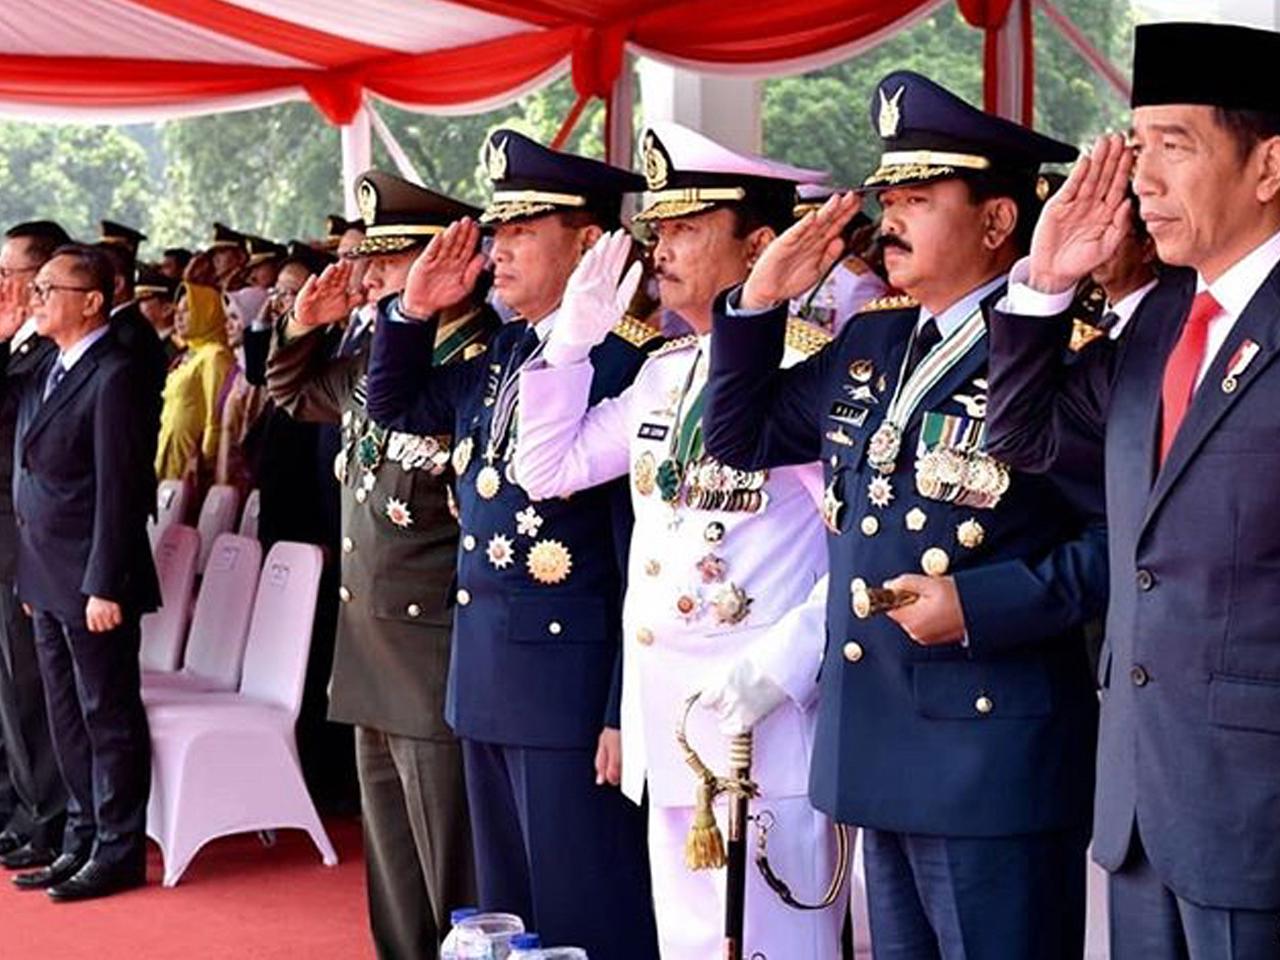 73º Aniversário das Forças Armadas da Indonésia Aditância do Exército na República da Indonésia